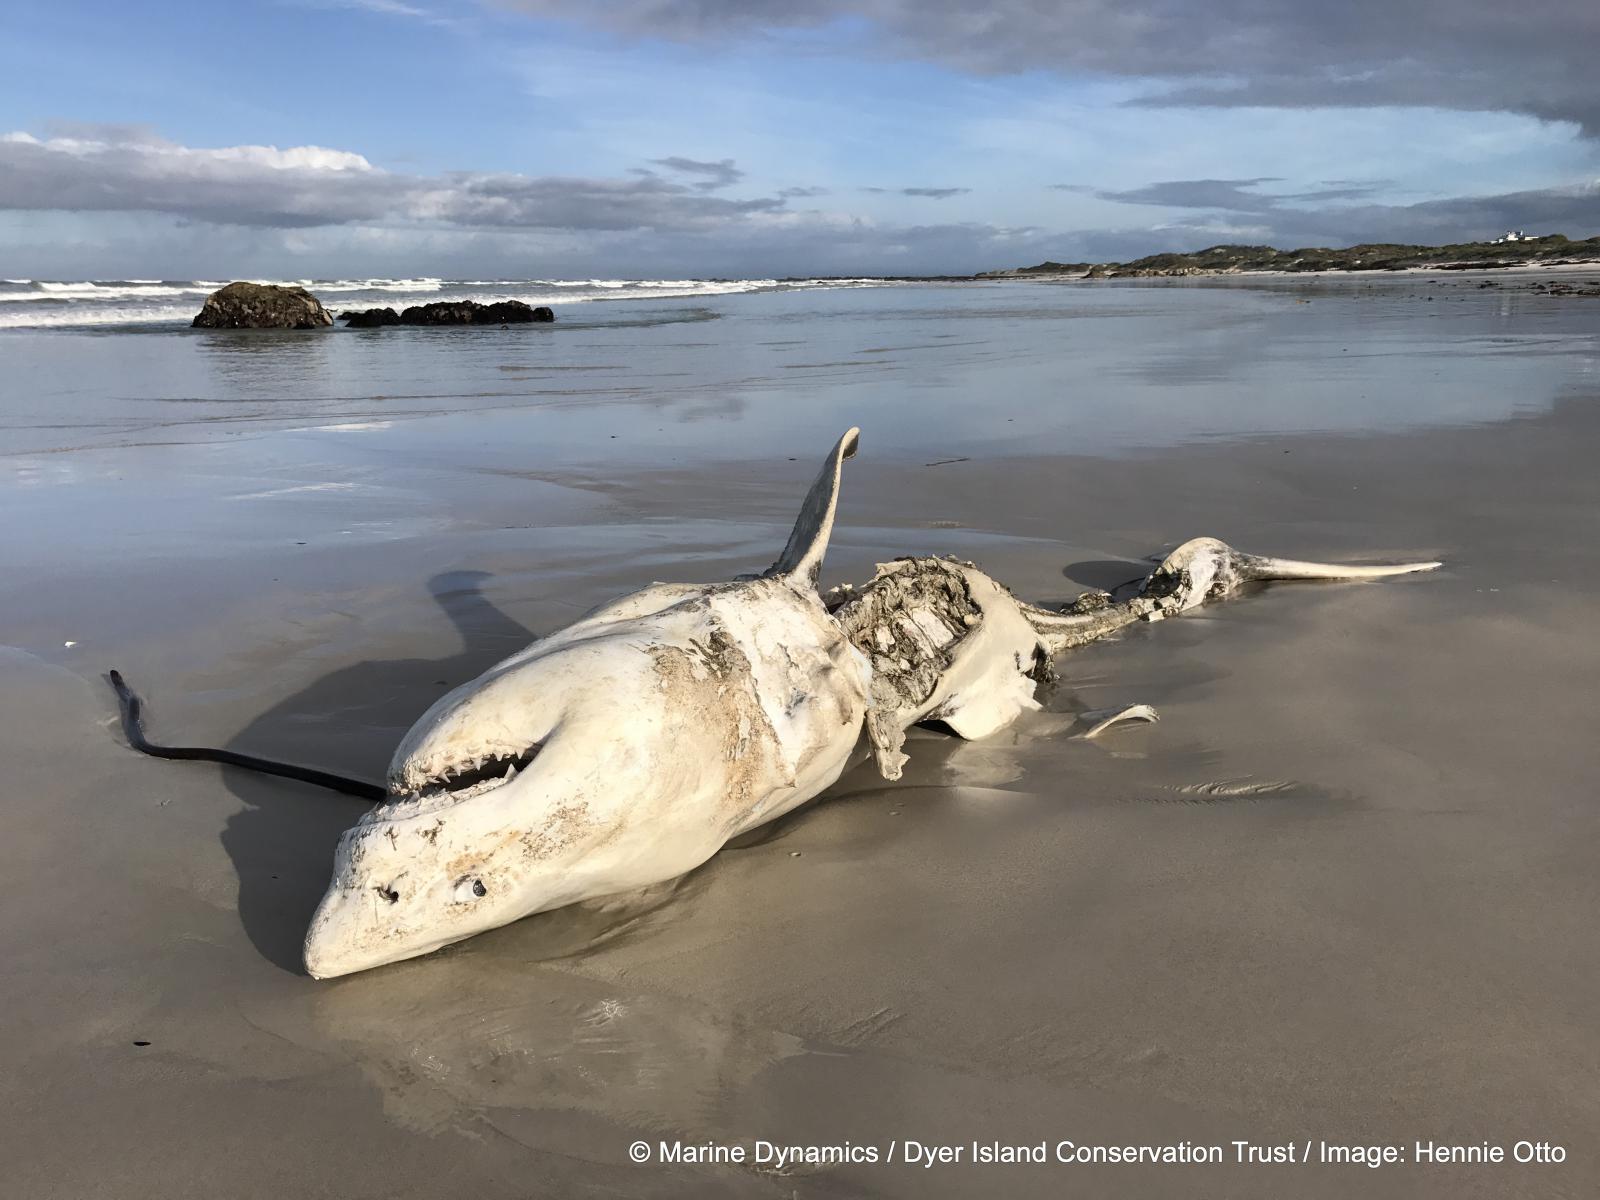 """ホオジロザメが""""恐怖""""で1年間も縄張りから逃げ出す「海のギャング」がいると判明の画像 6/7"""